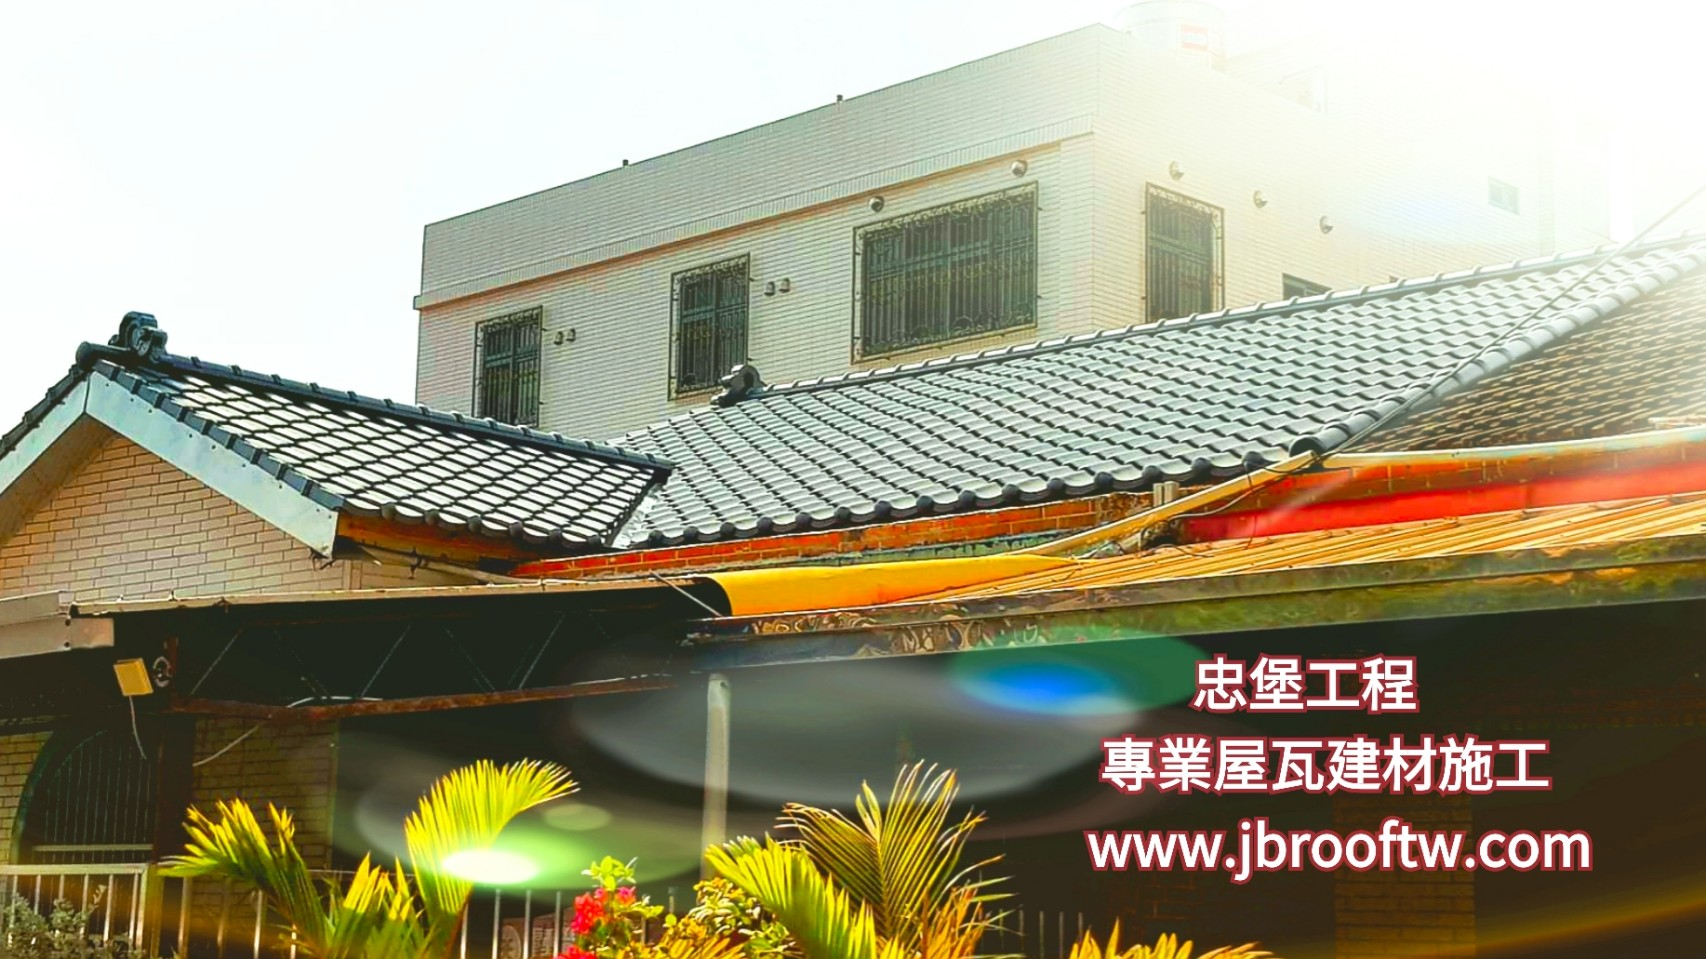 水泥瓦翻修為日本J型文化瓦